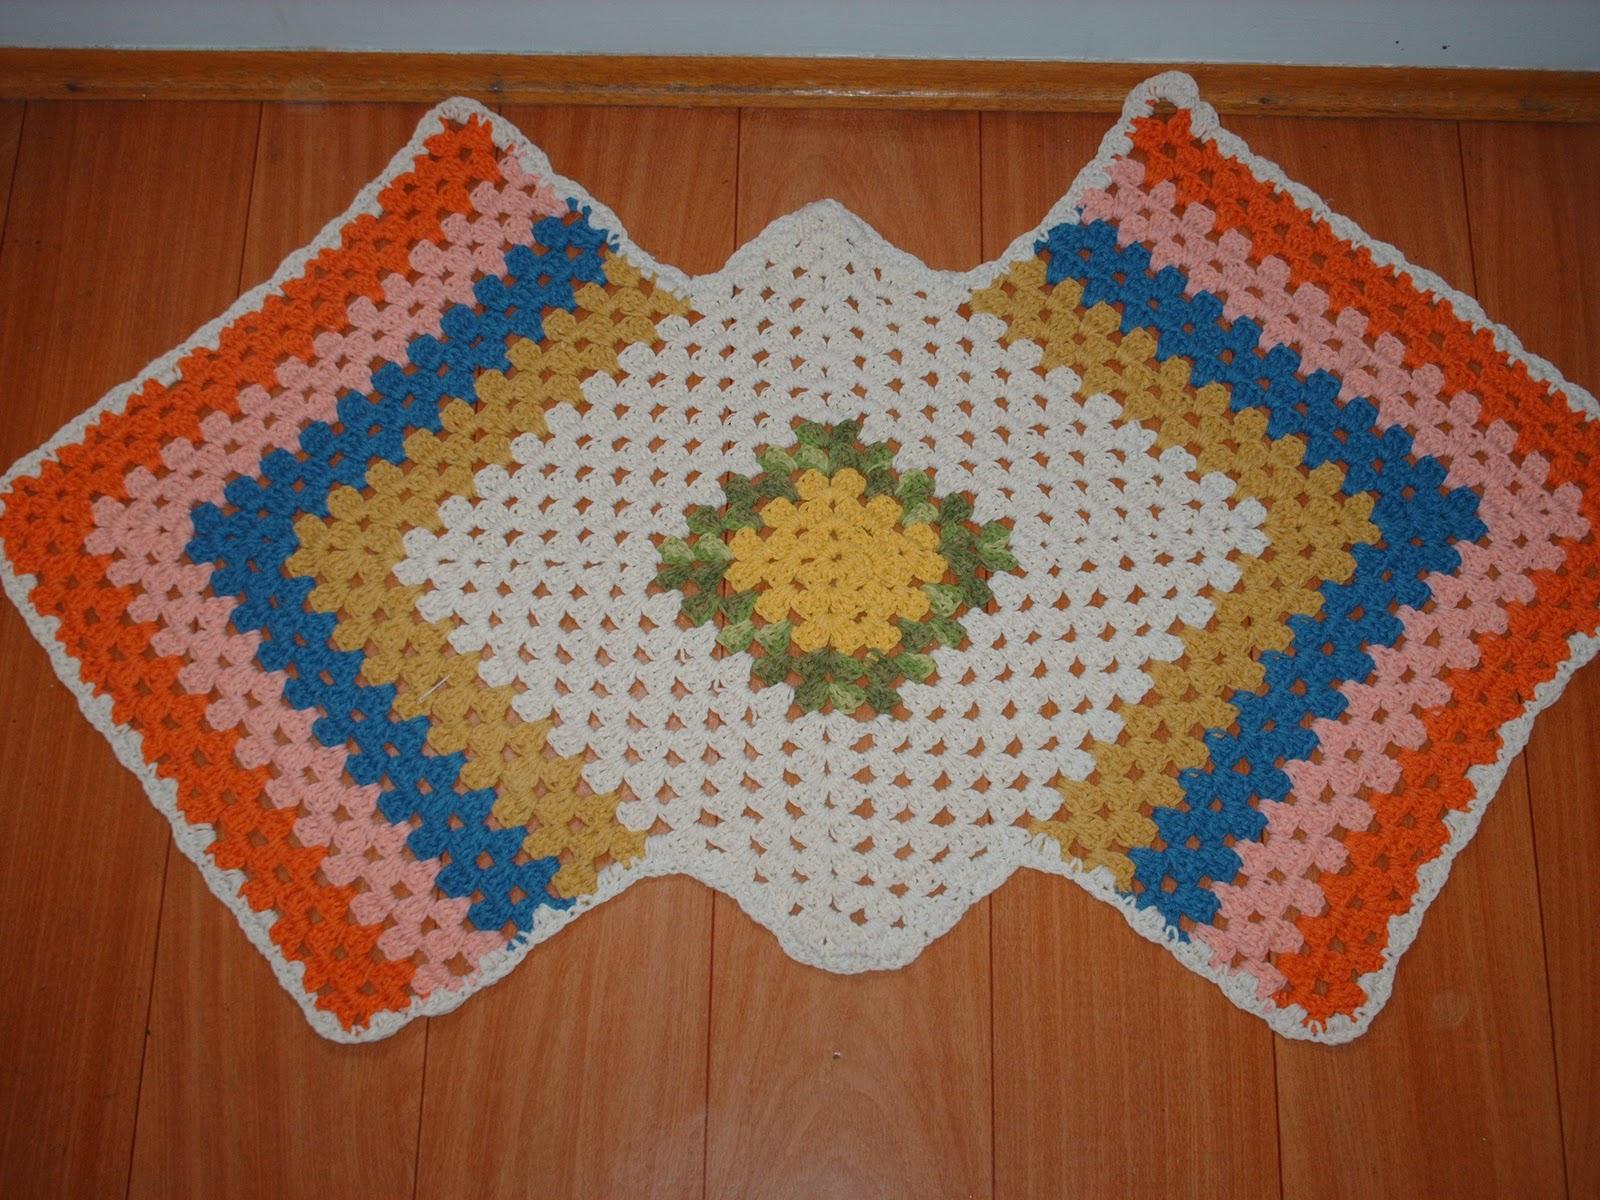 Armario Retro Cozinha ~ marcia g artesanato Tapete em croch u00ea colorido R$ 30,00